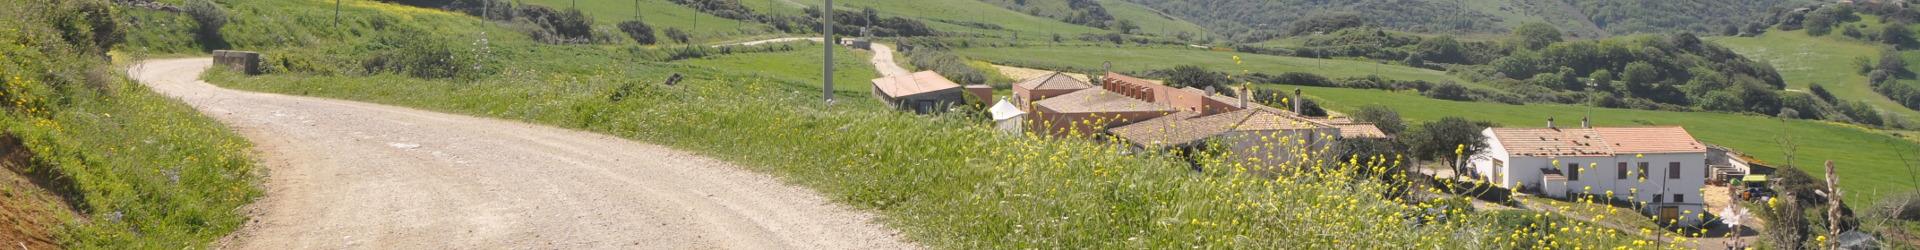 Sa Tanca Noa Farmhouse